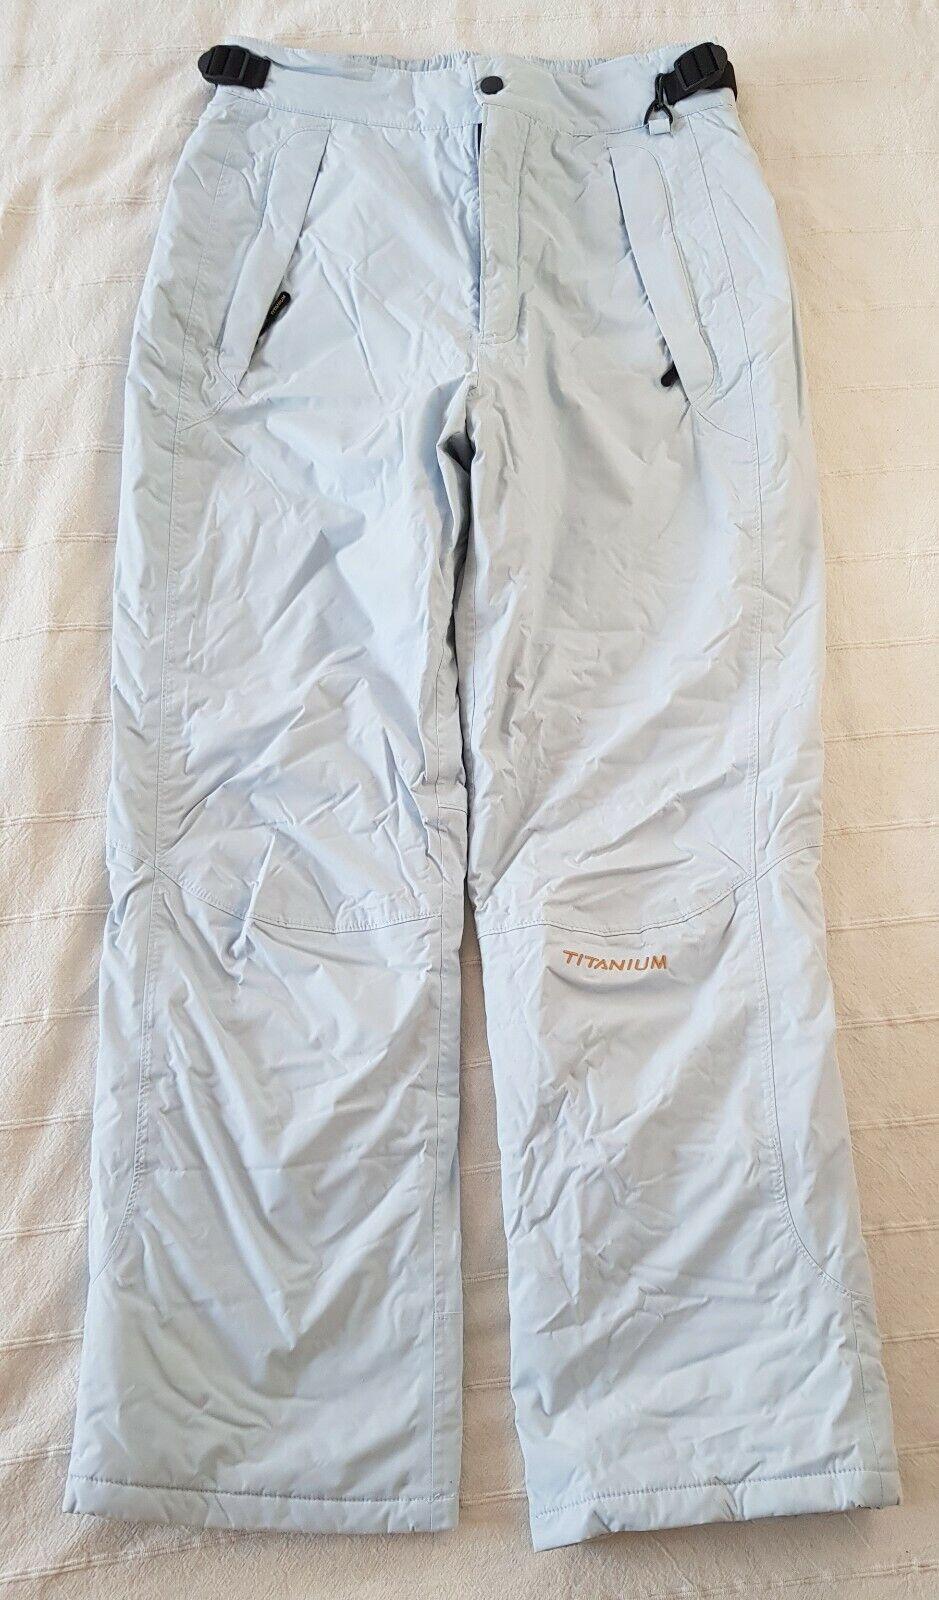 Pantalón de nieve Columbia Titanium mujer azul claro, talla L, perfecto estado